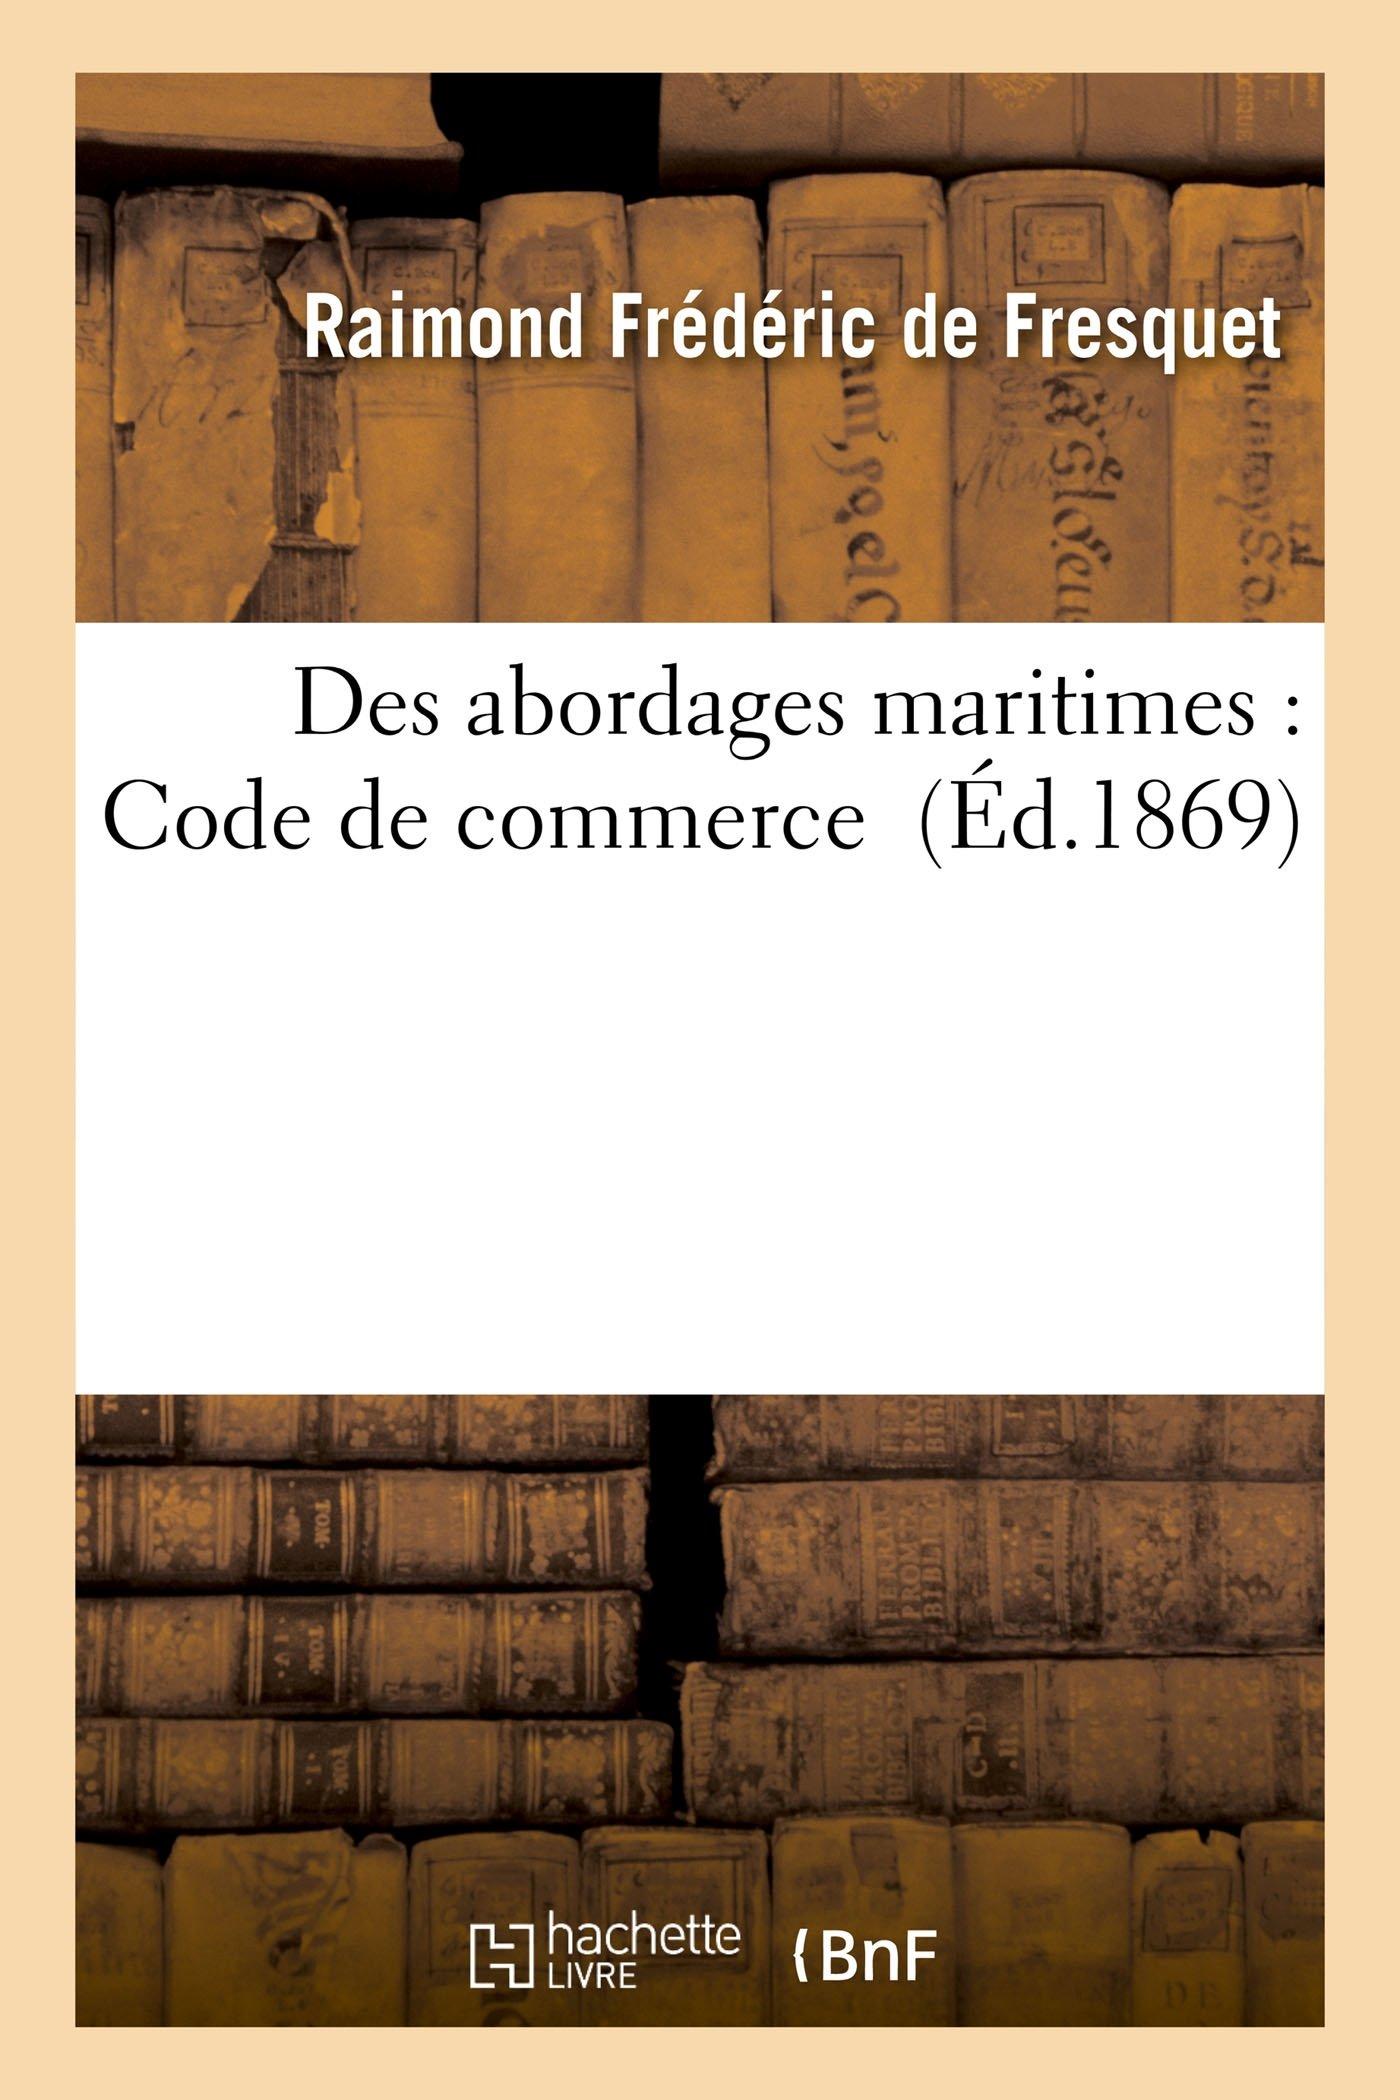 Des abordages maritimes : Code de commerce Broché – 1 avril 2016 Hachette Livre BNF 2013552408 Droit général LAW / General